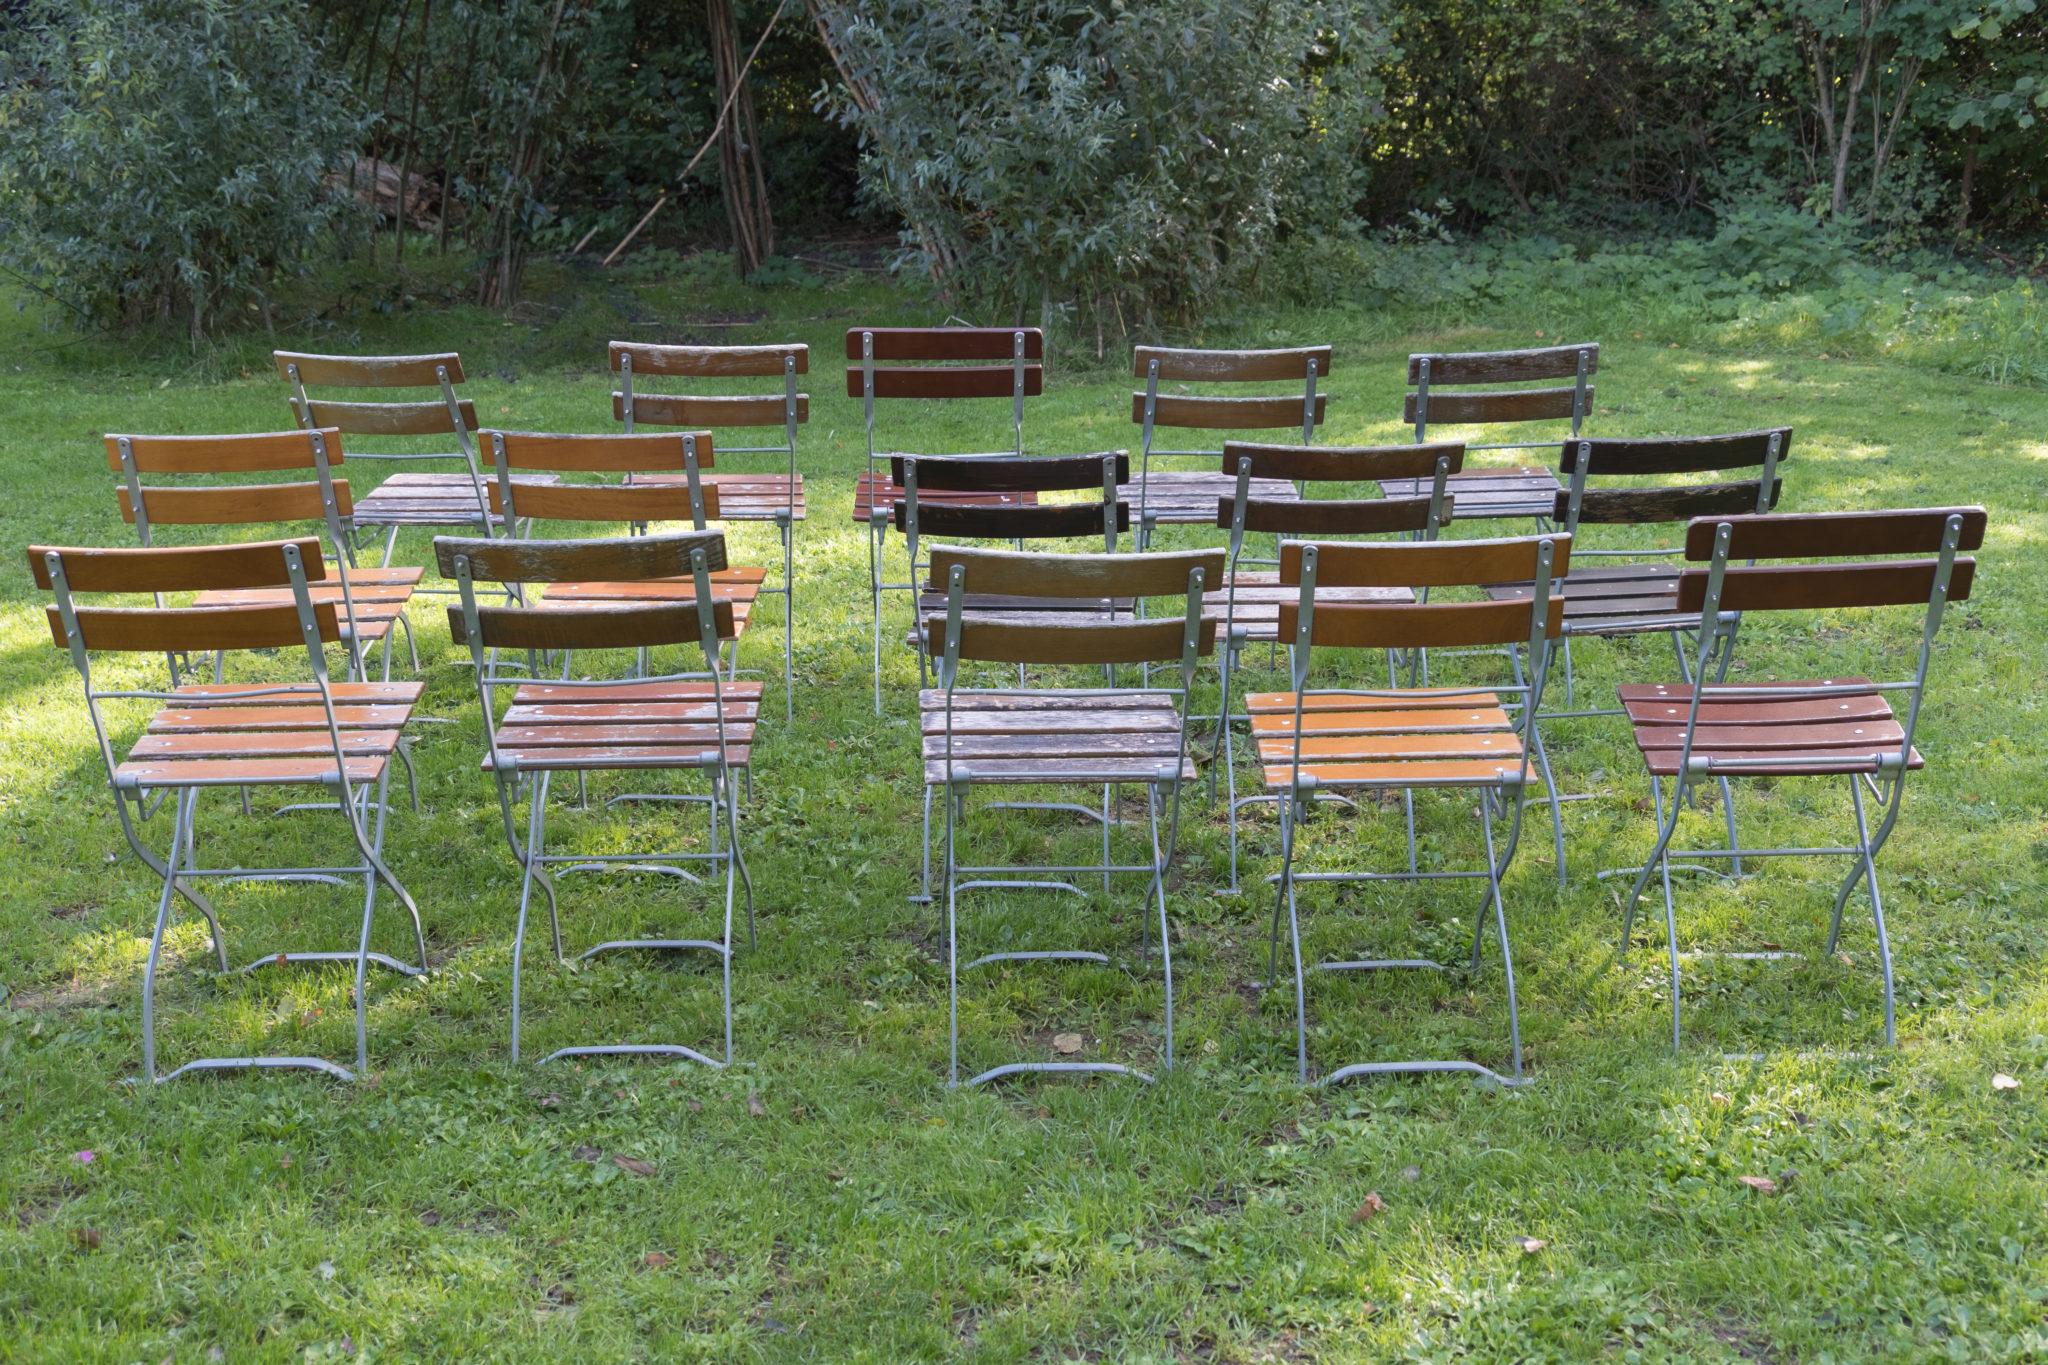 houten-stoeltjes-staan-klaar-voor-openluchtconcert